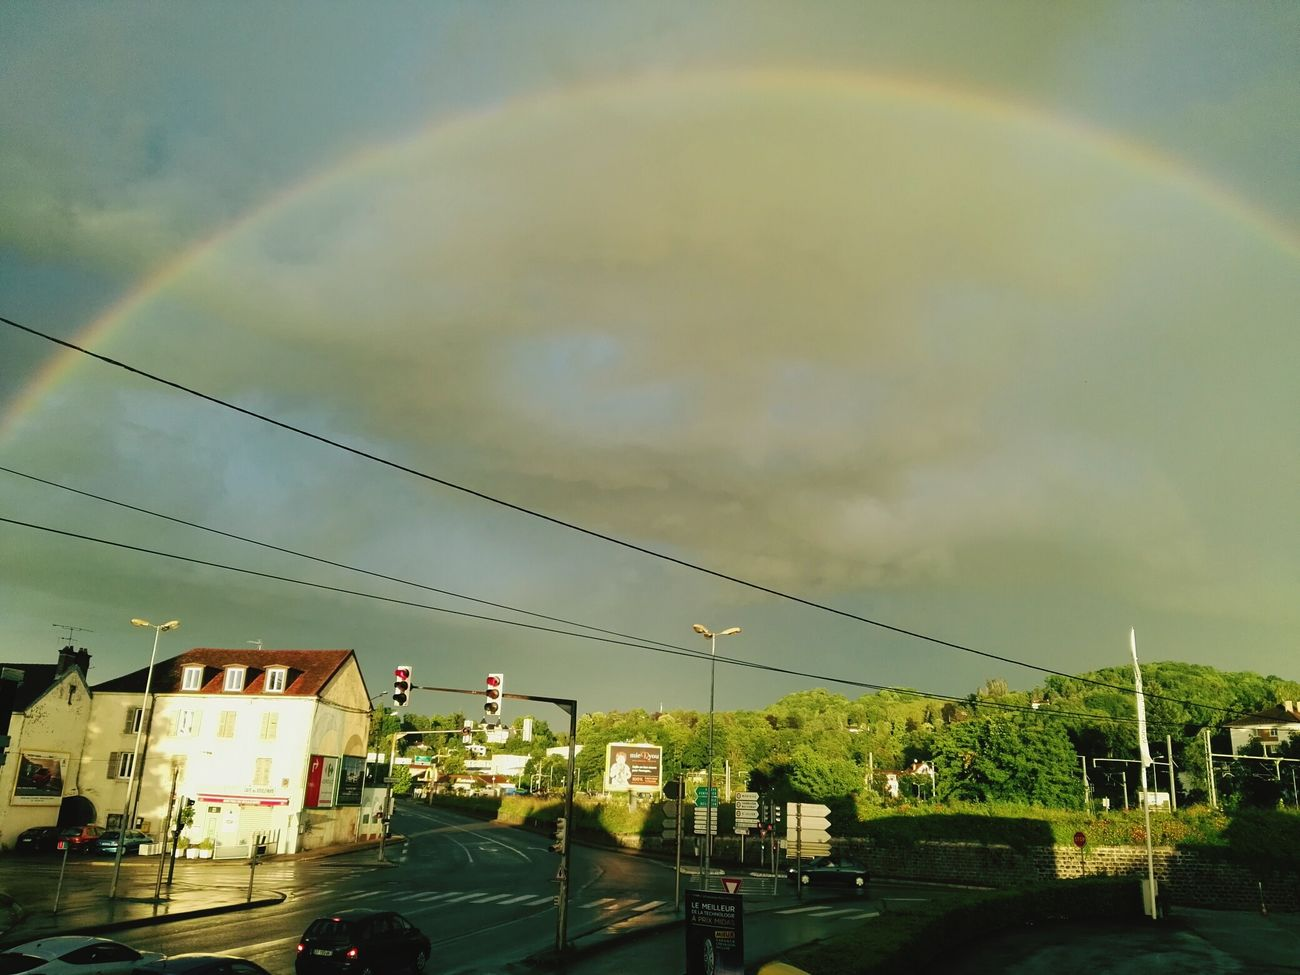 Arc-en-ciel jura Lons le saunier nature color Jura Lons Le Saunier Arc-en-ciel  Couleur Orageux Urban Nature Ciel Et Nuages Arc En Ciel Rainbow